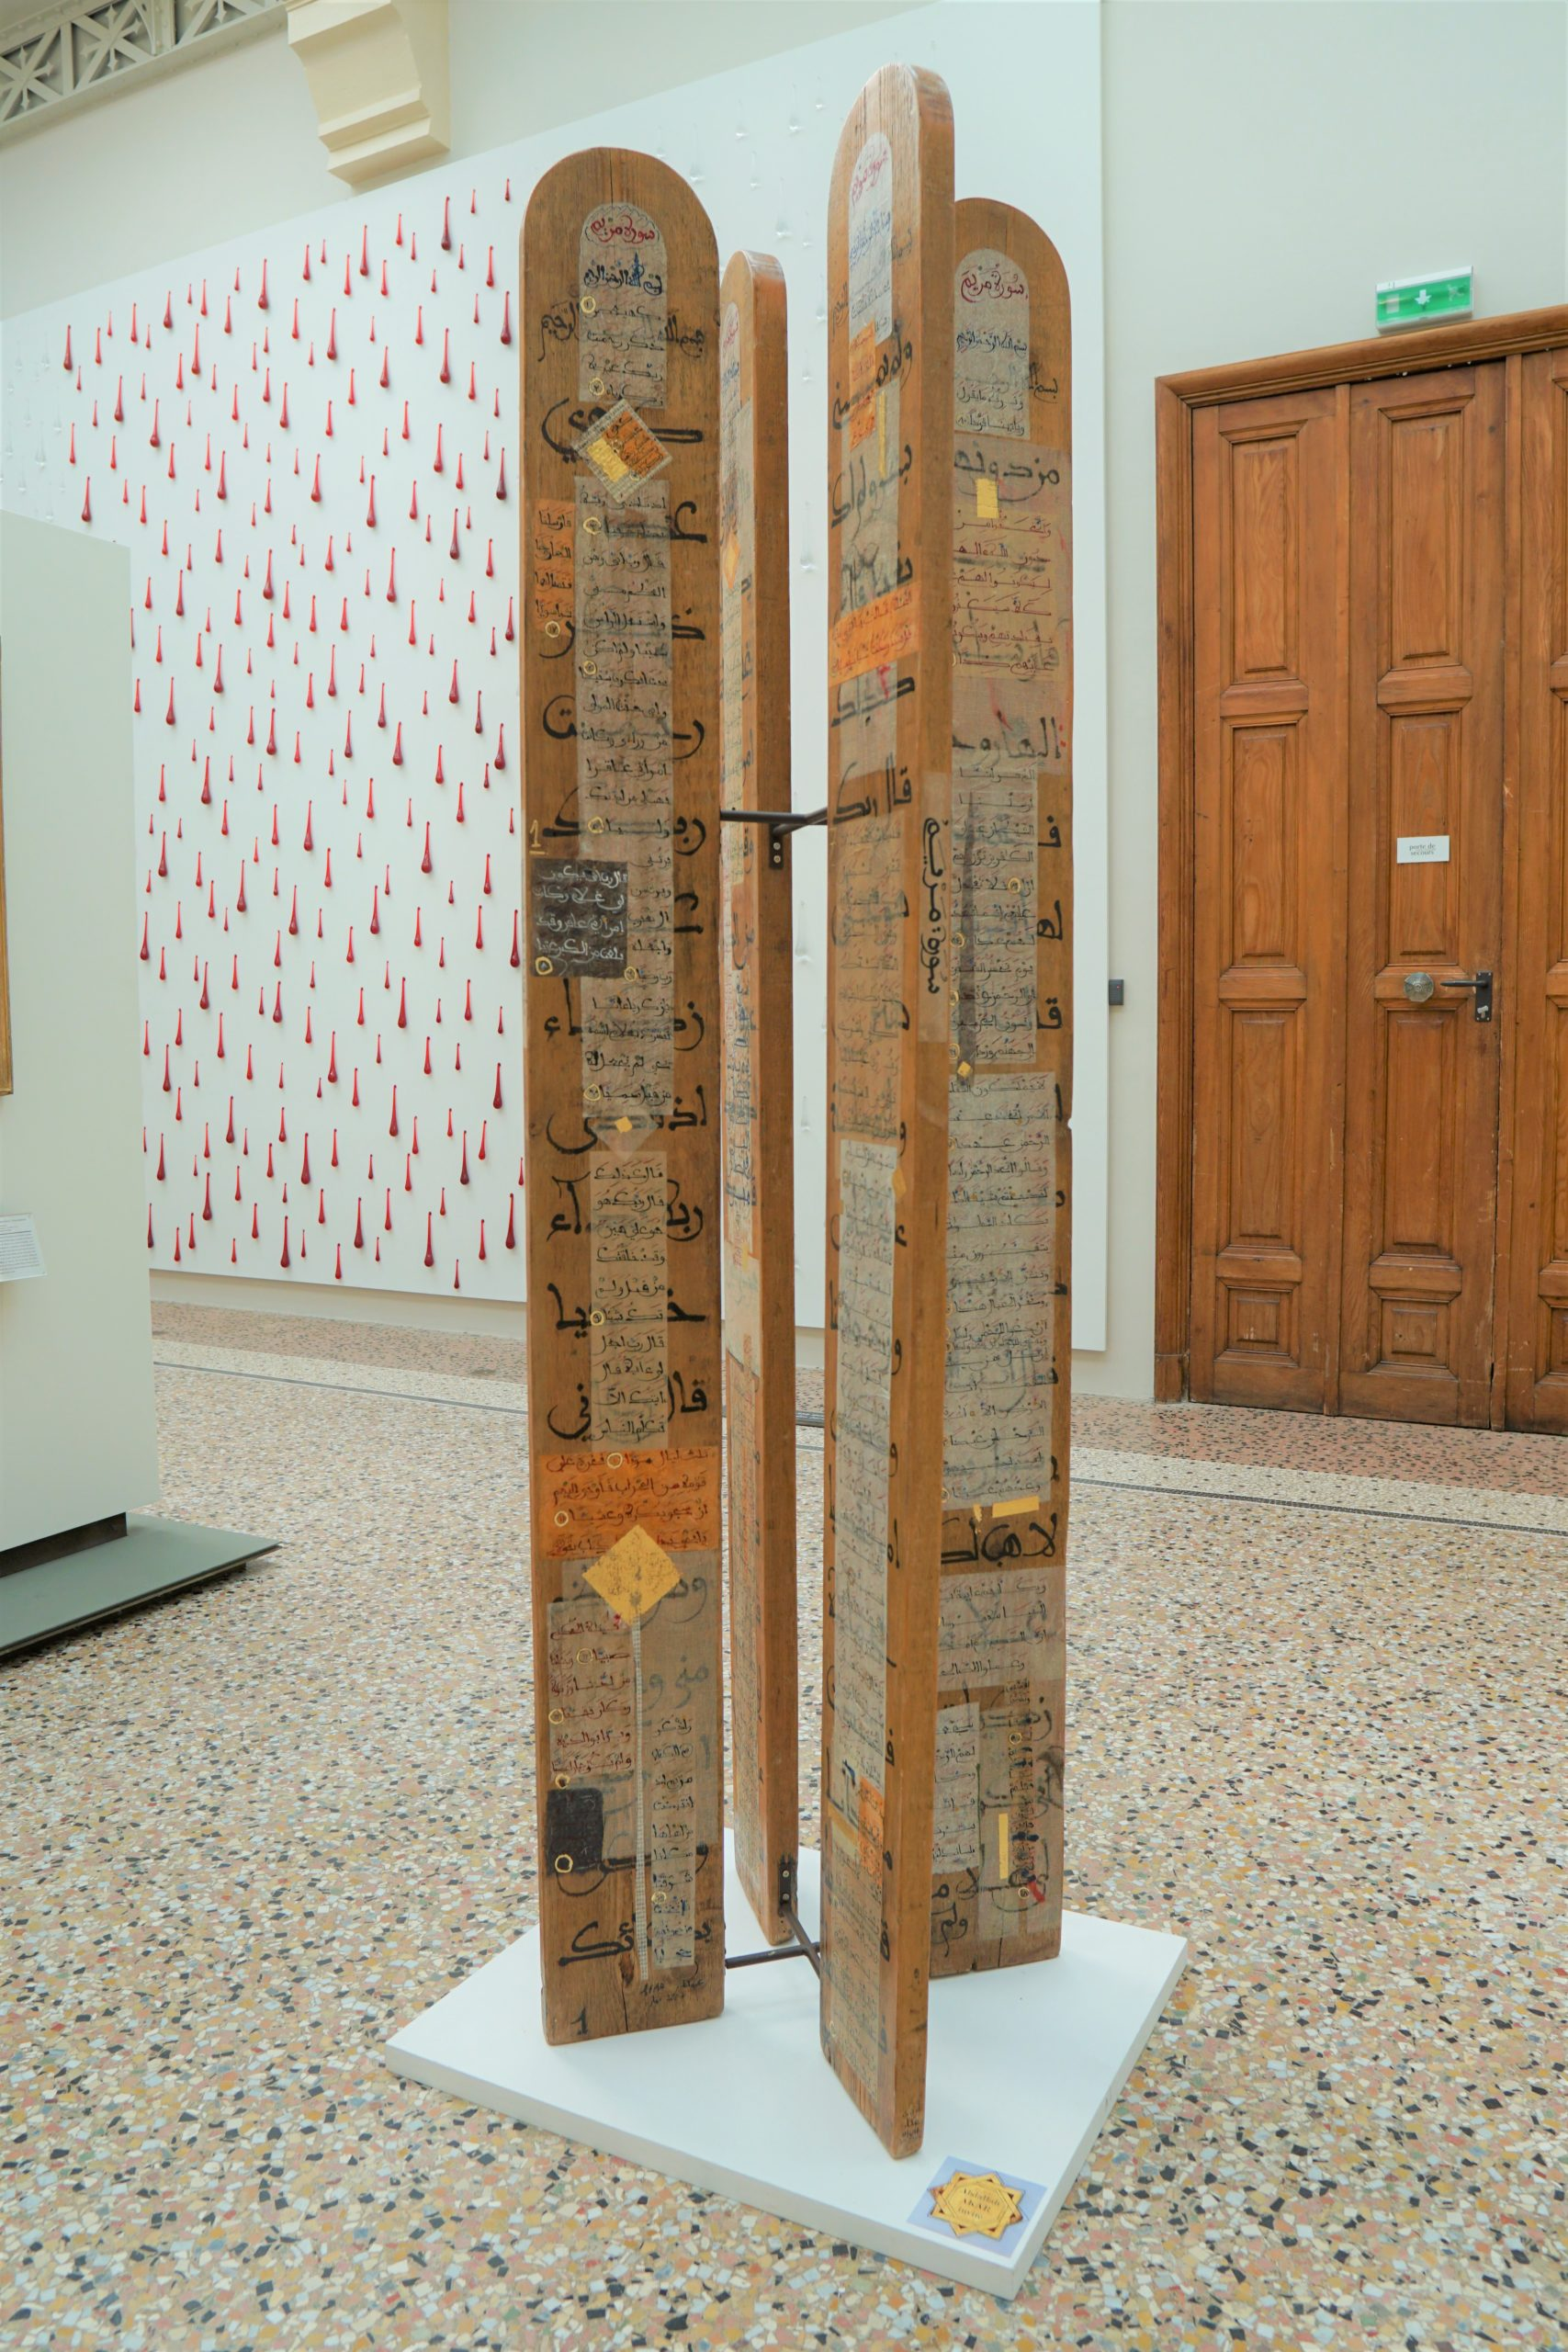 Sourate de Marie, installation cruciforme où circule la sourate 19, Encres, papiers et feuilles d'or sur bois, 200 x 20 x 14 cm